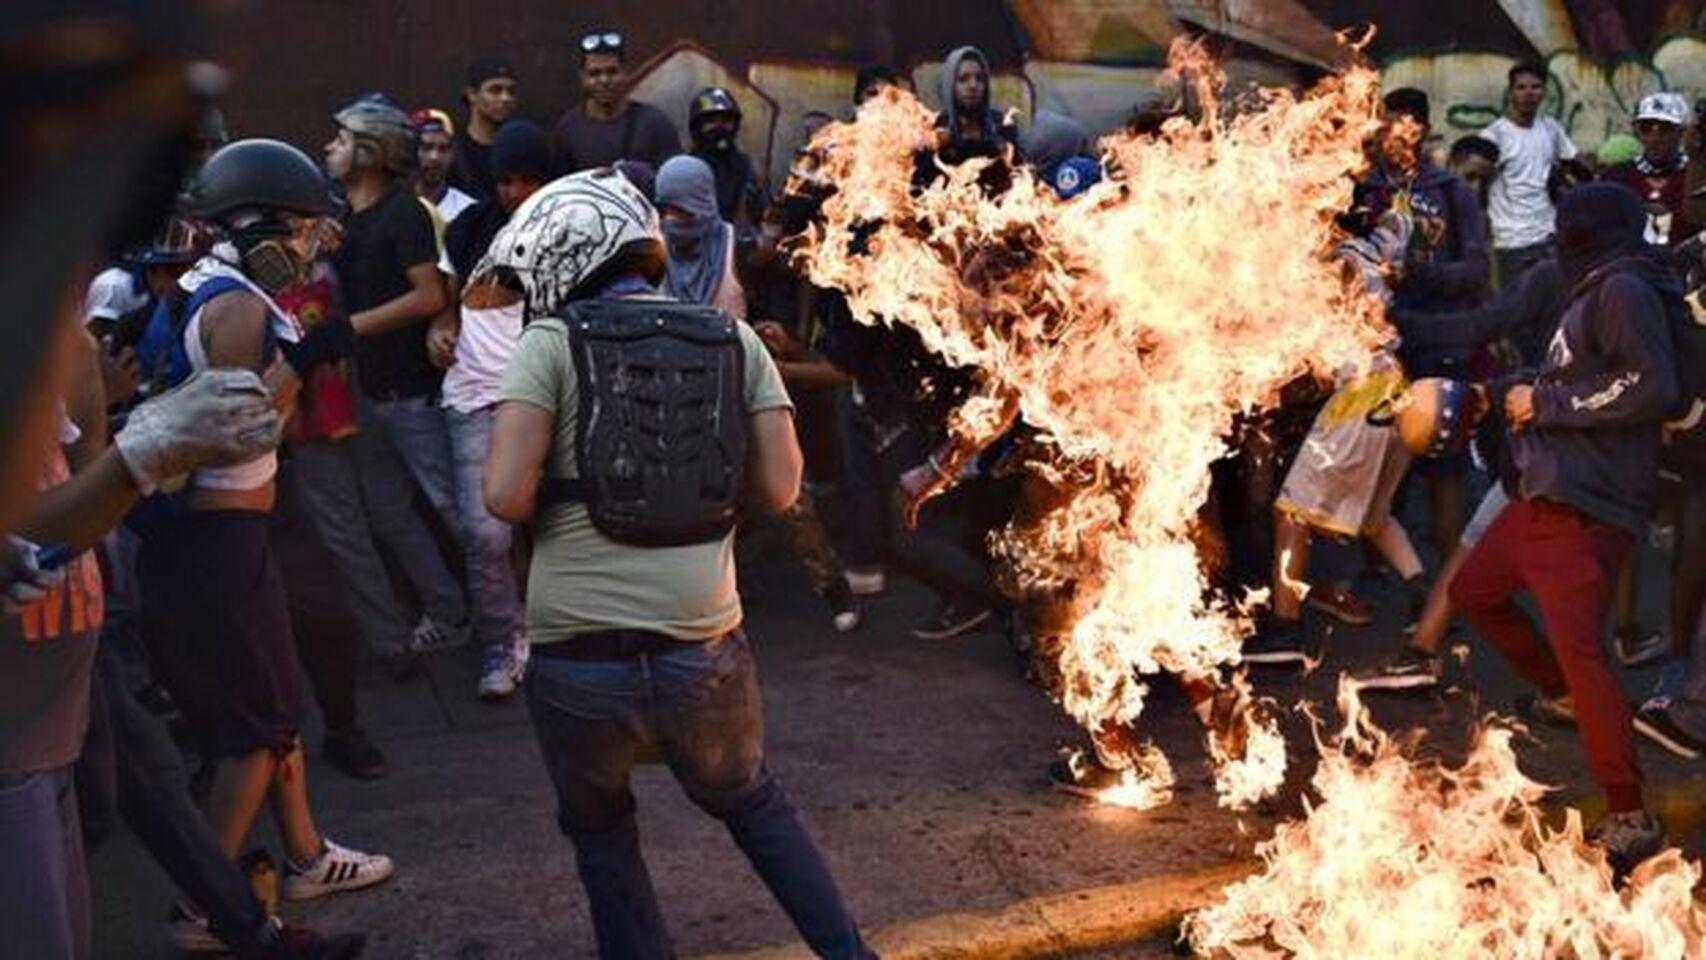 España captura al venezolano que quemó vivo a un manifestante en las protestas contra Maduro de 2017